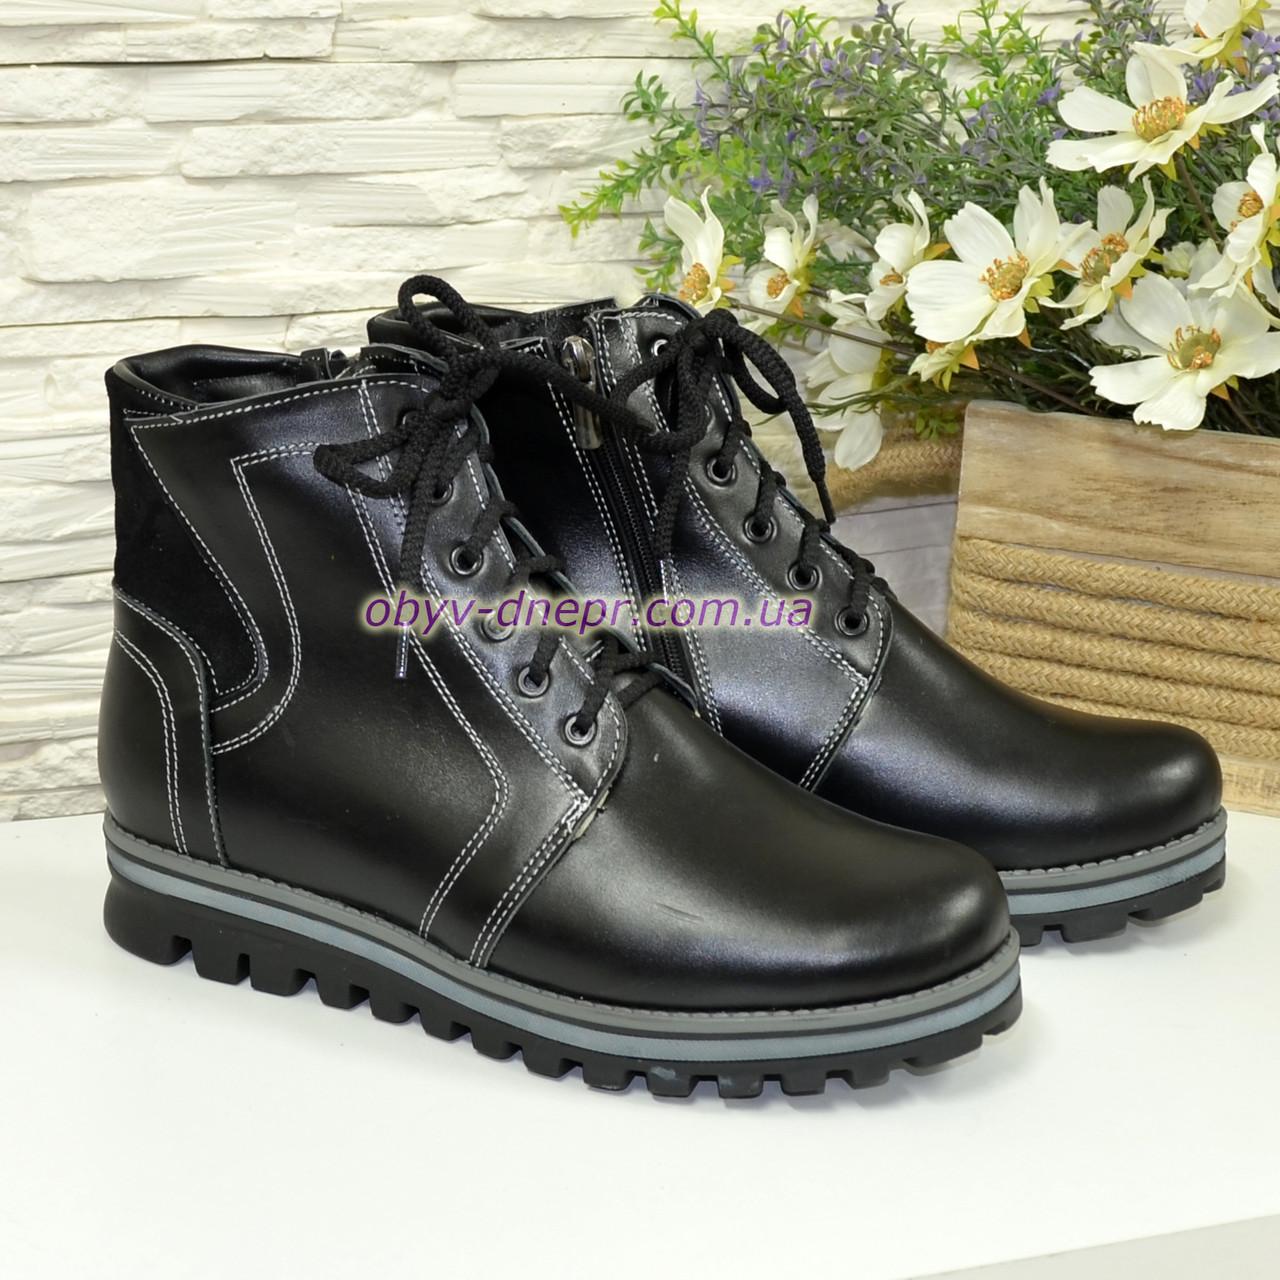 Женские кожаные   ботинки на шнуровке.